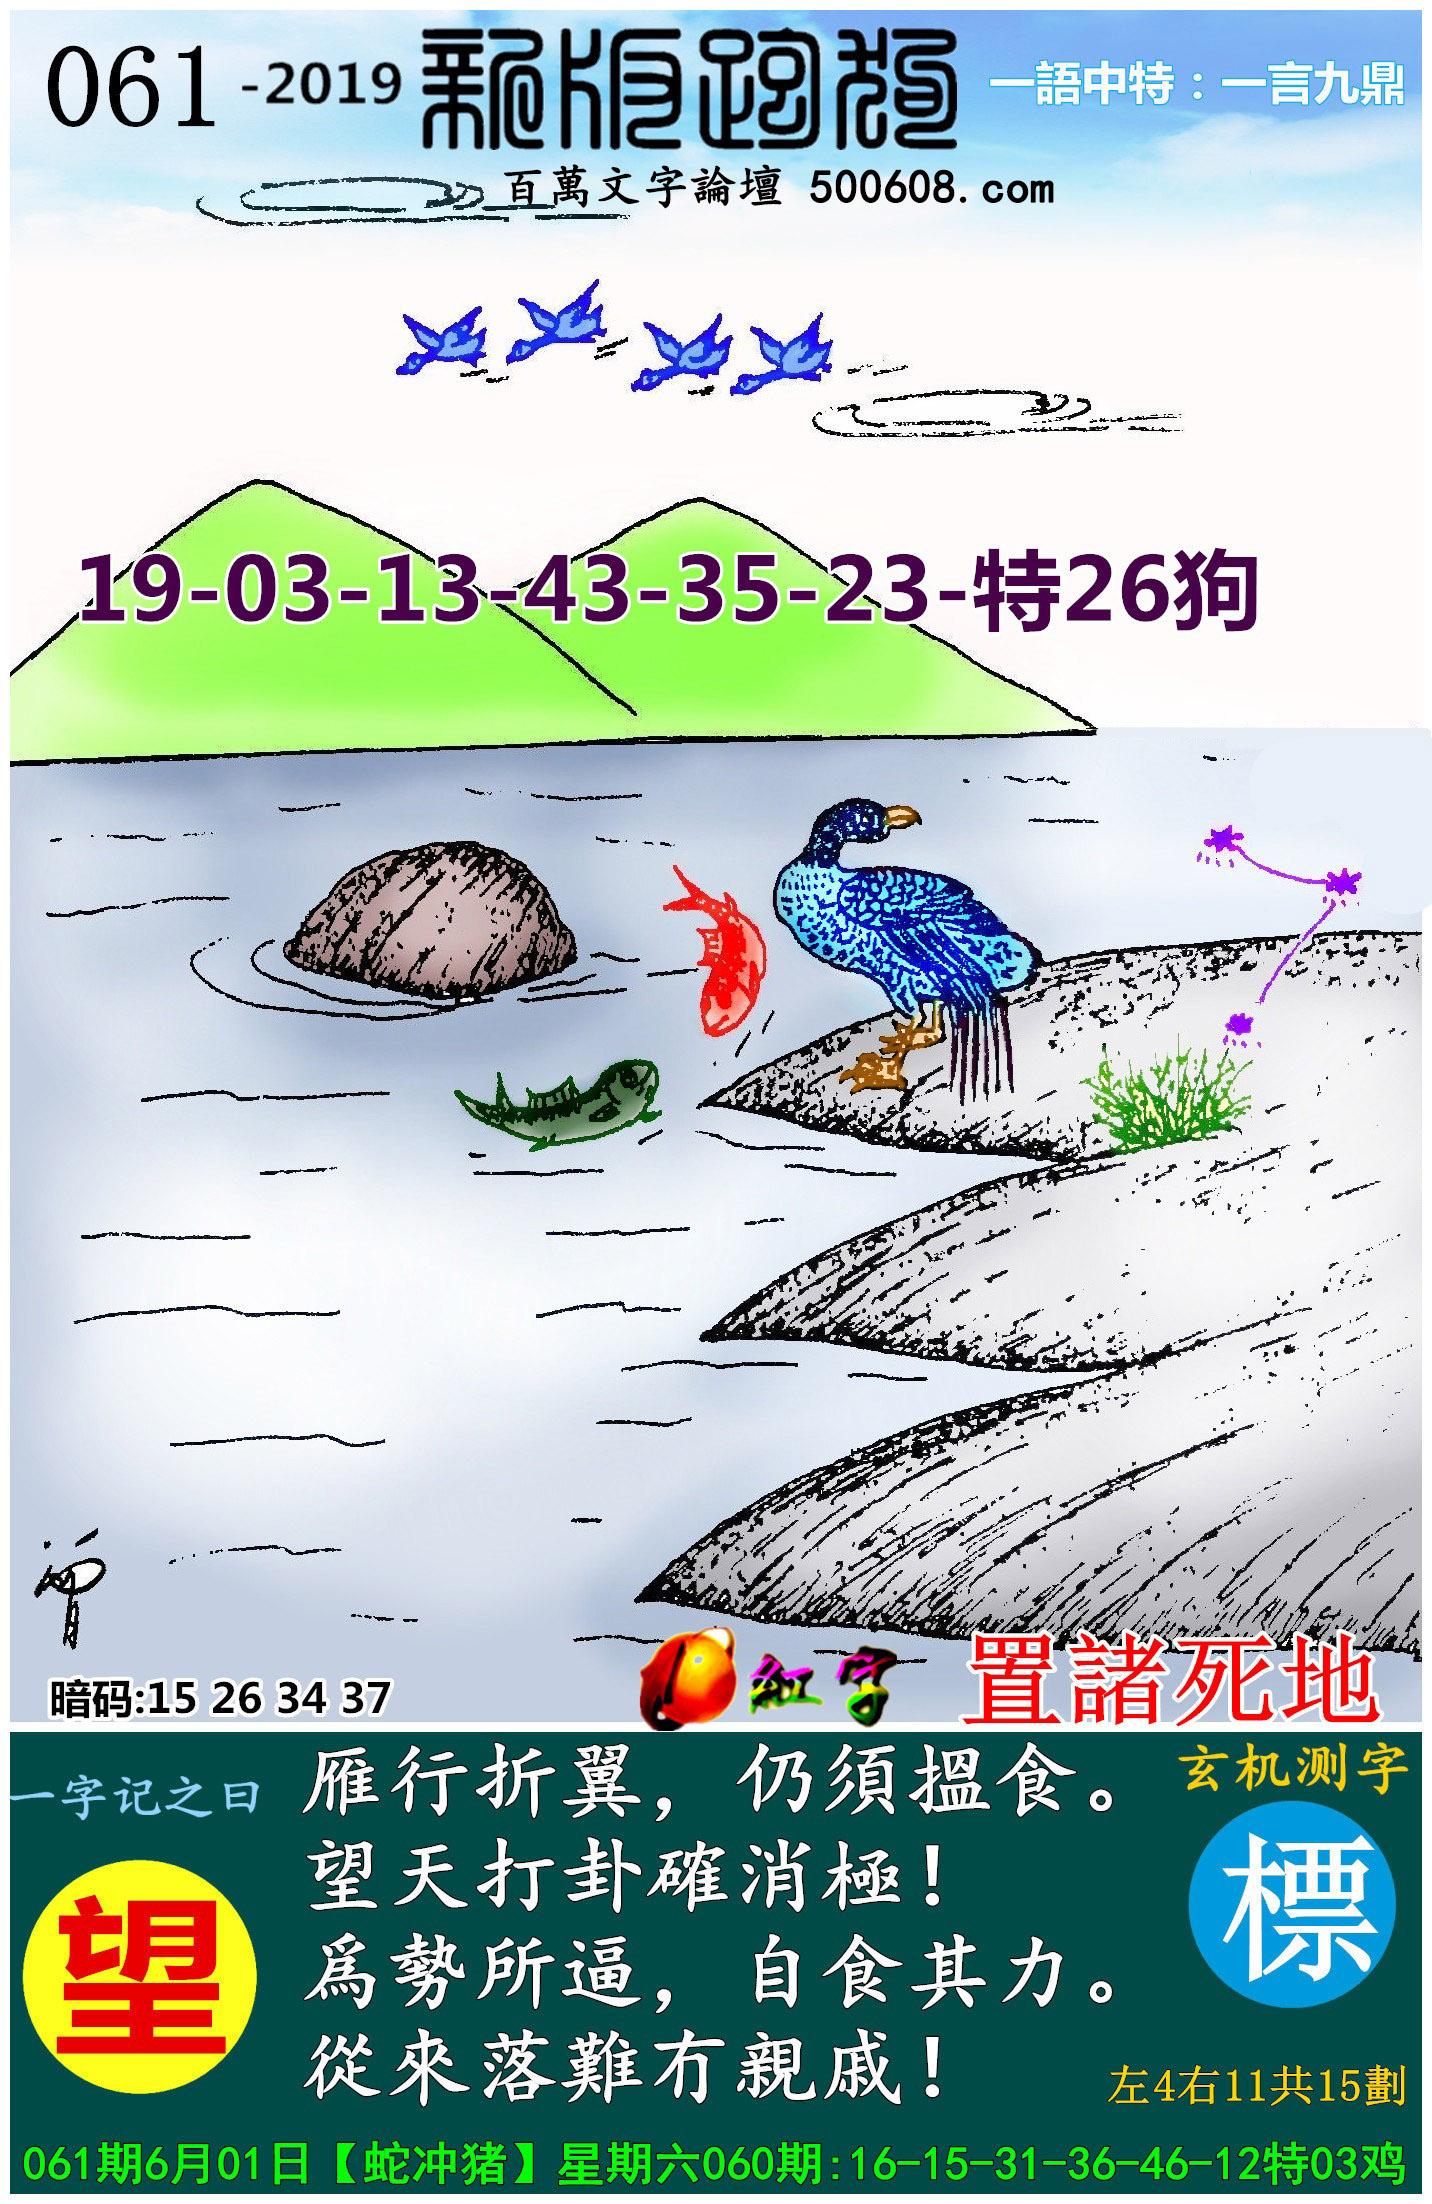 029期跑狗一字�之曰:【逼】_雁行折翼,仍���食;��菟�逼,自食其力!